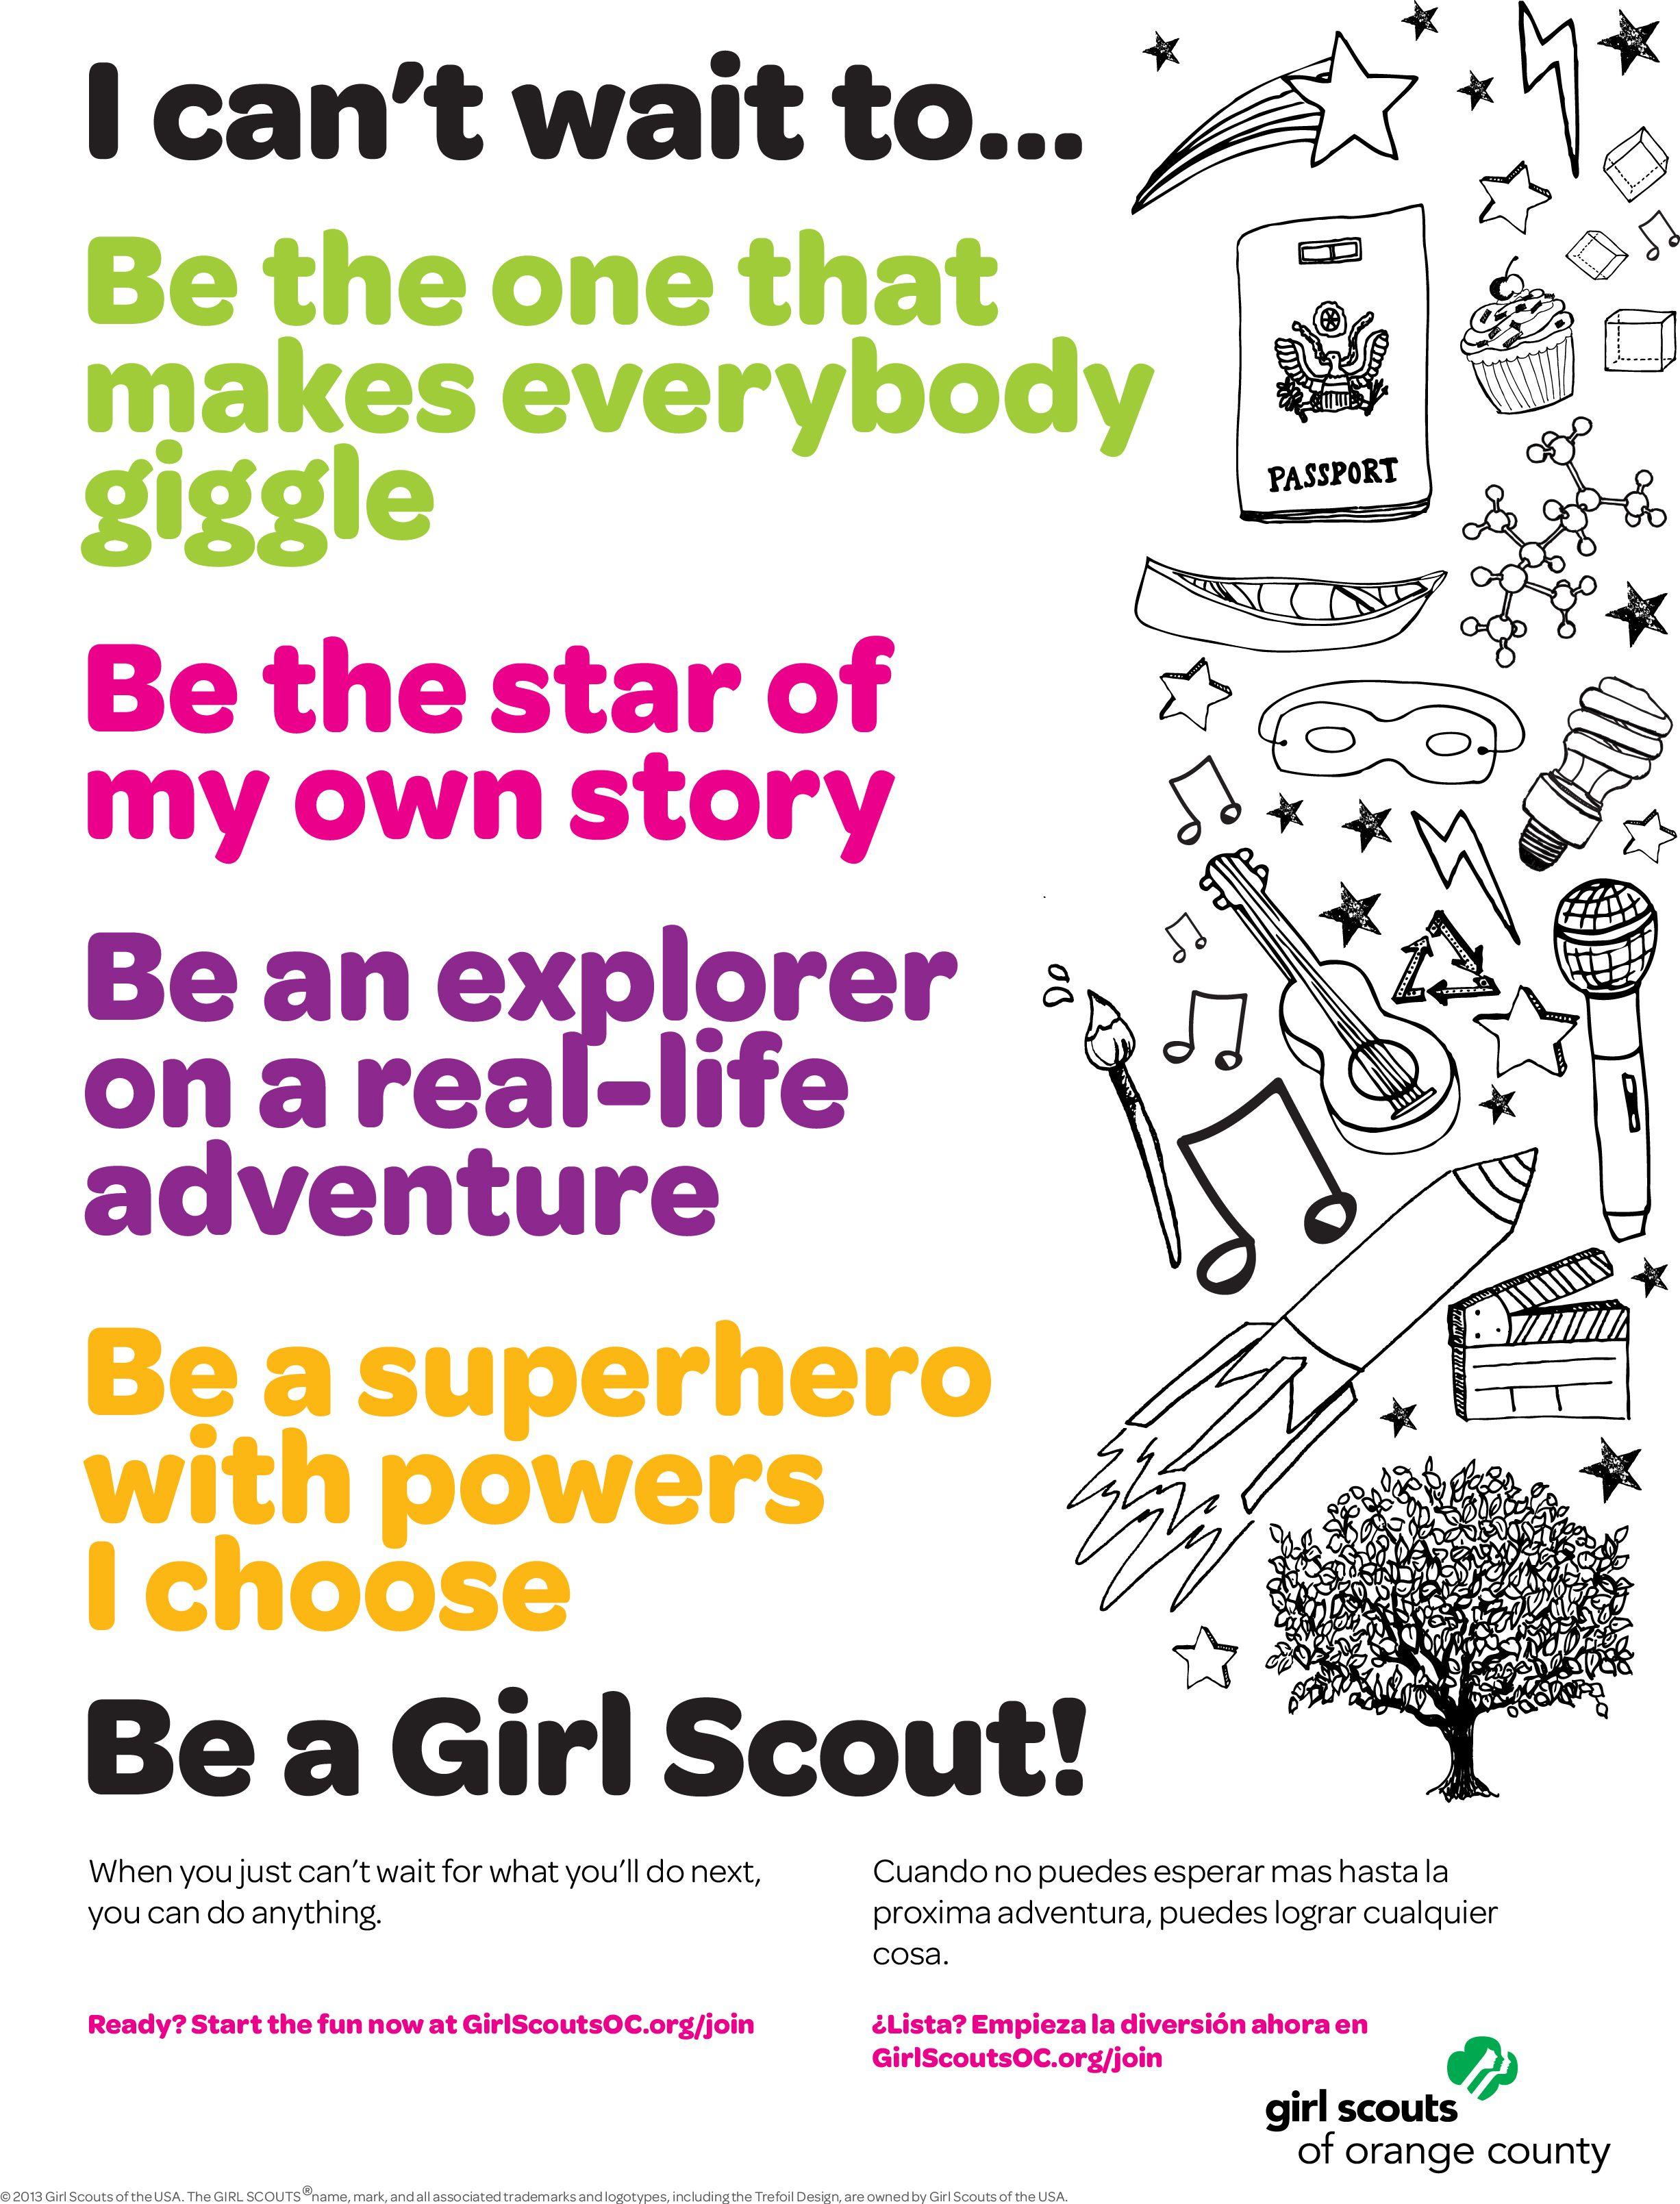 CantWait #GSWeek Recruitment Flyer 8.5x11 | Girl Scouting | Pinterest